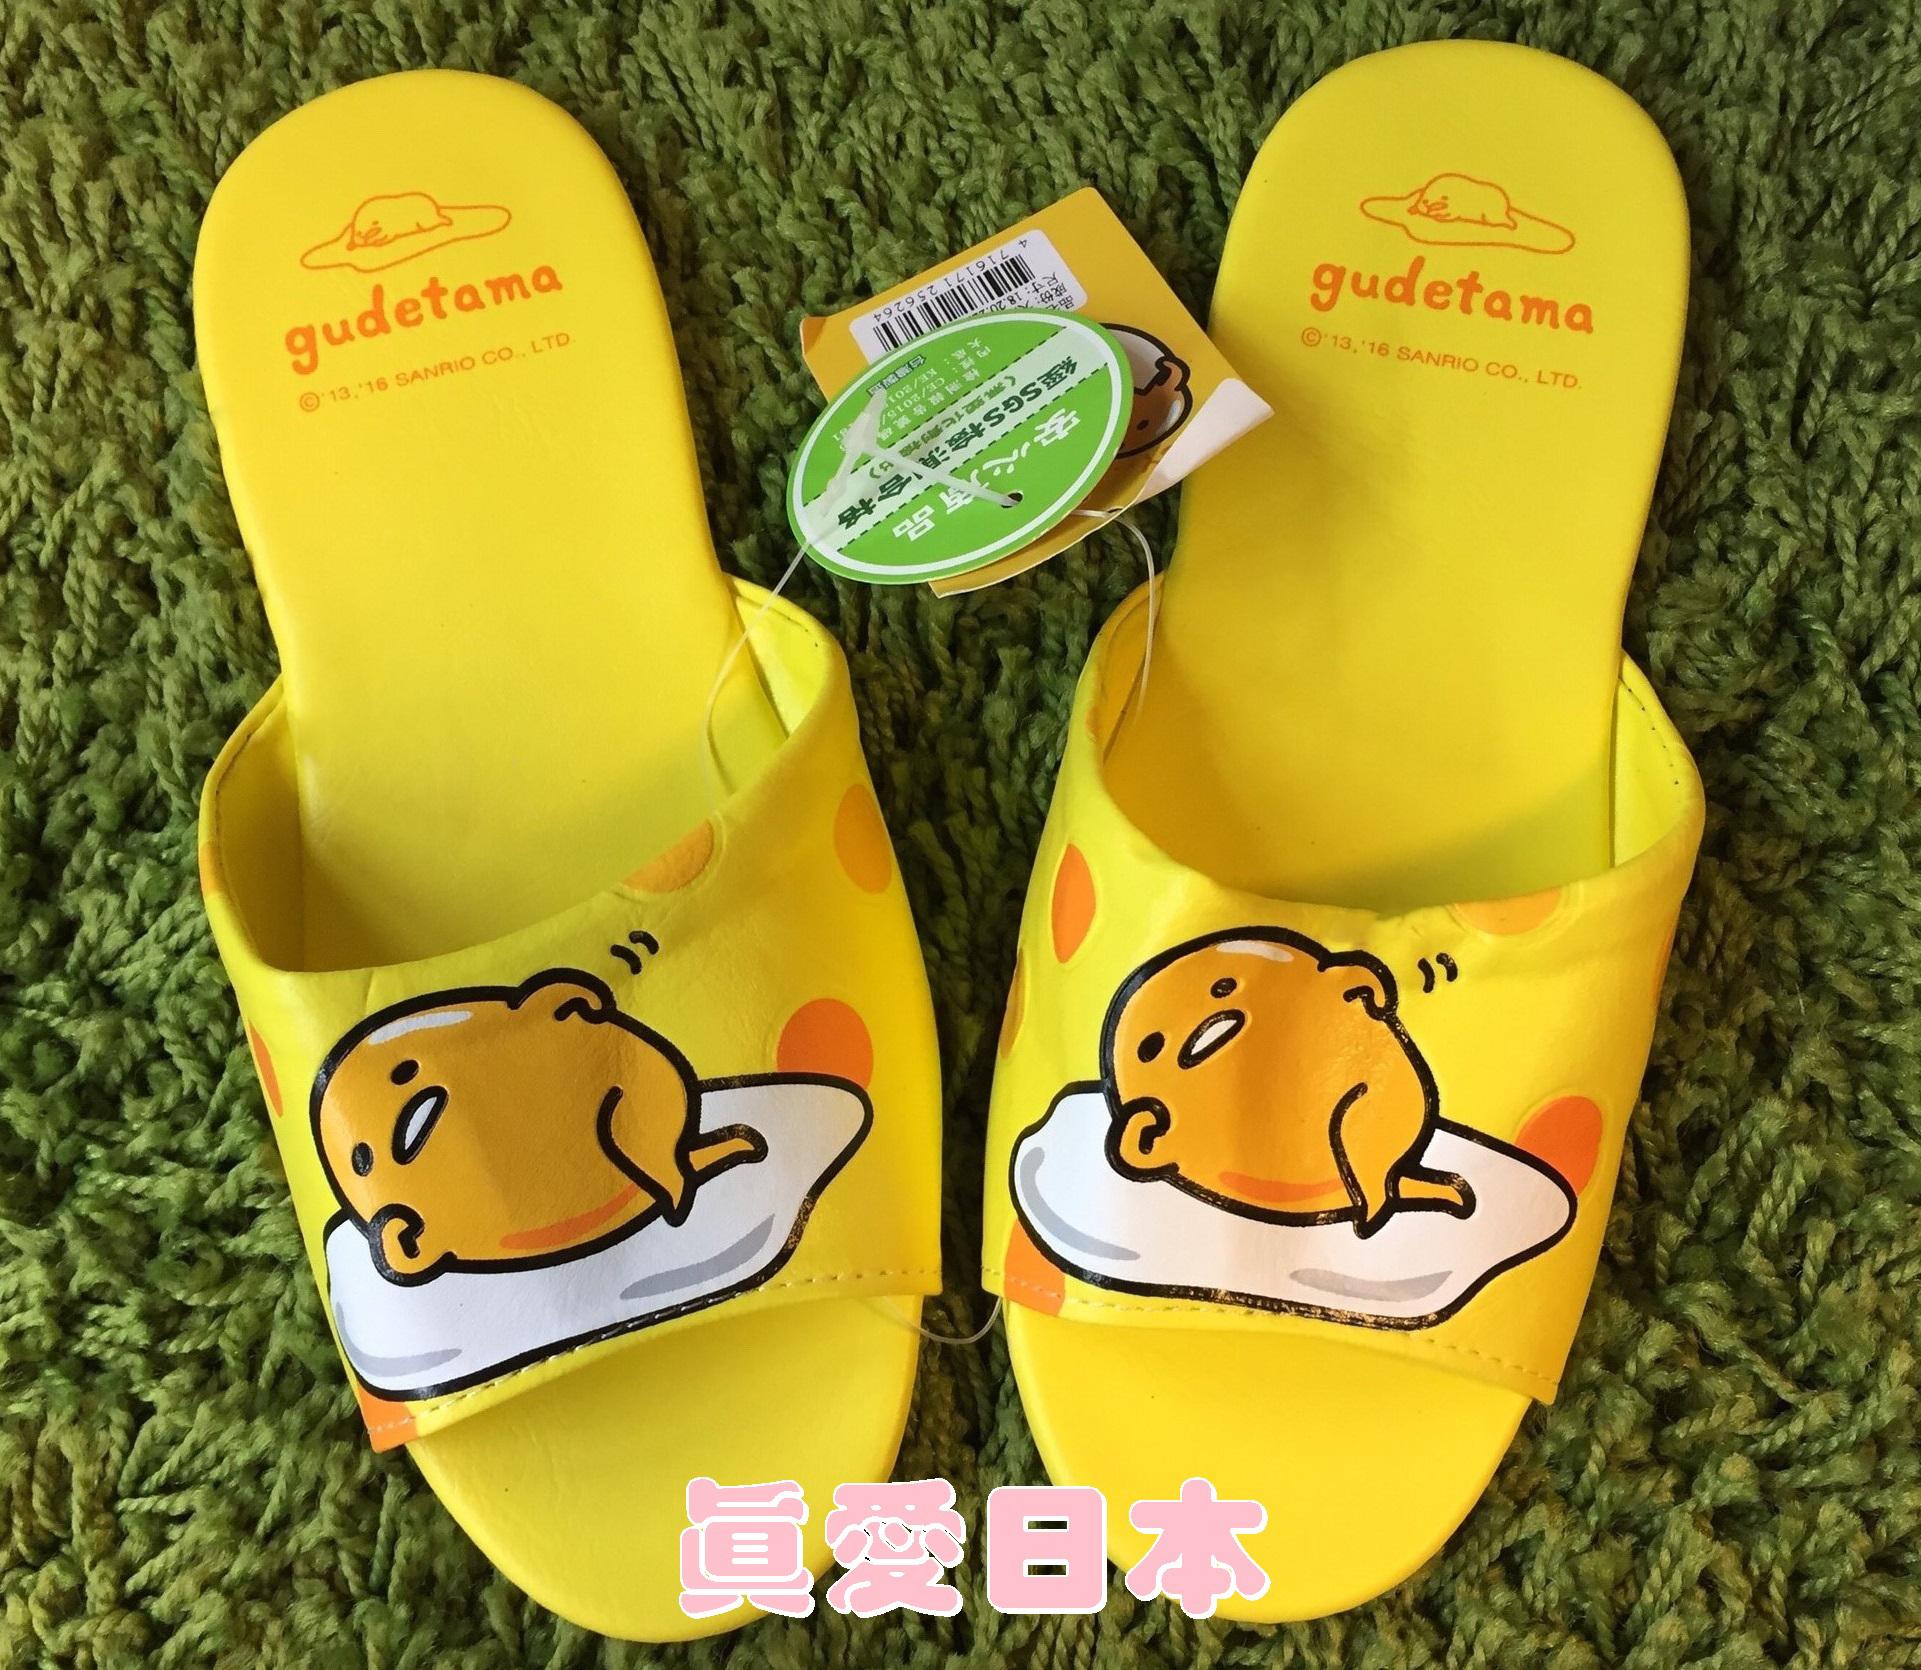 【真愛日本】室內皮拖-蛋黃哥18~26 三麗鷗家族 蛋黃哥 Gudetama  防滑拖鞋 脫鞋